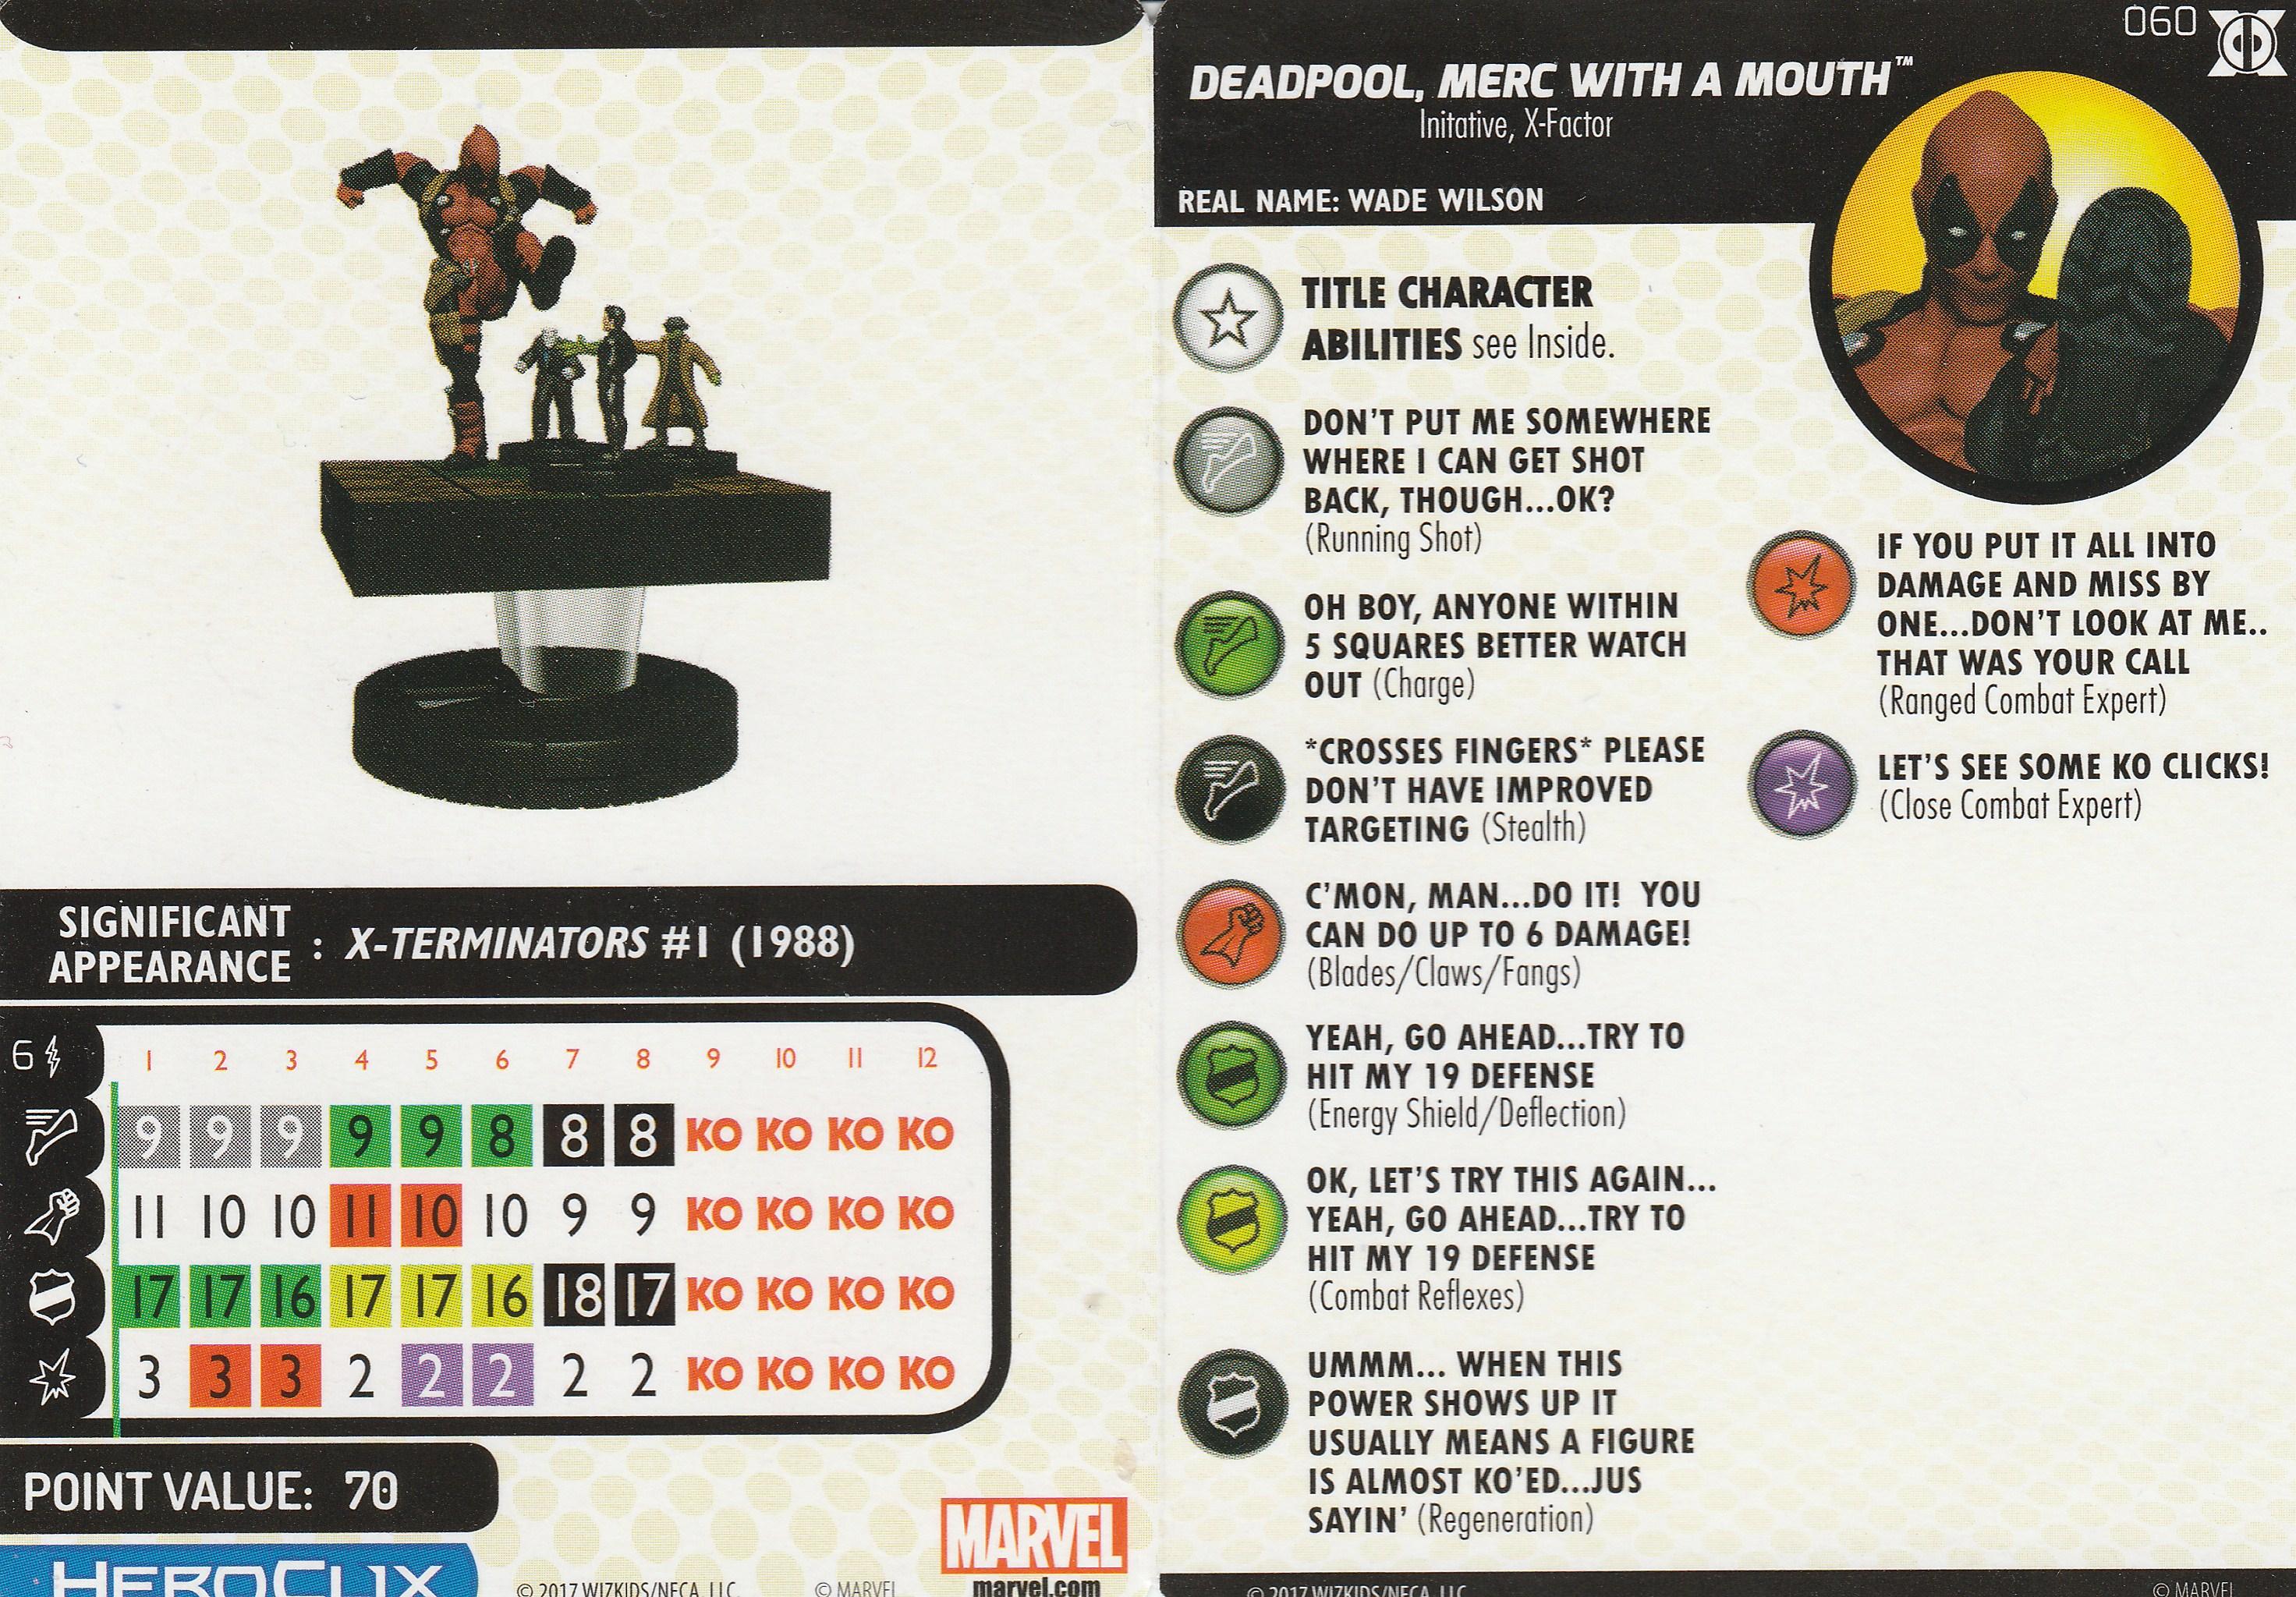 Clix O The Week Deadpool Merc With A Mouth Tiago Pinto Da Luz